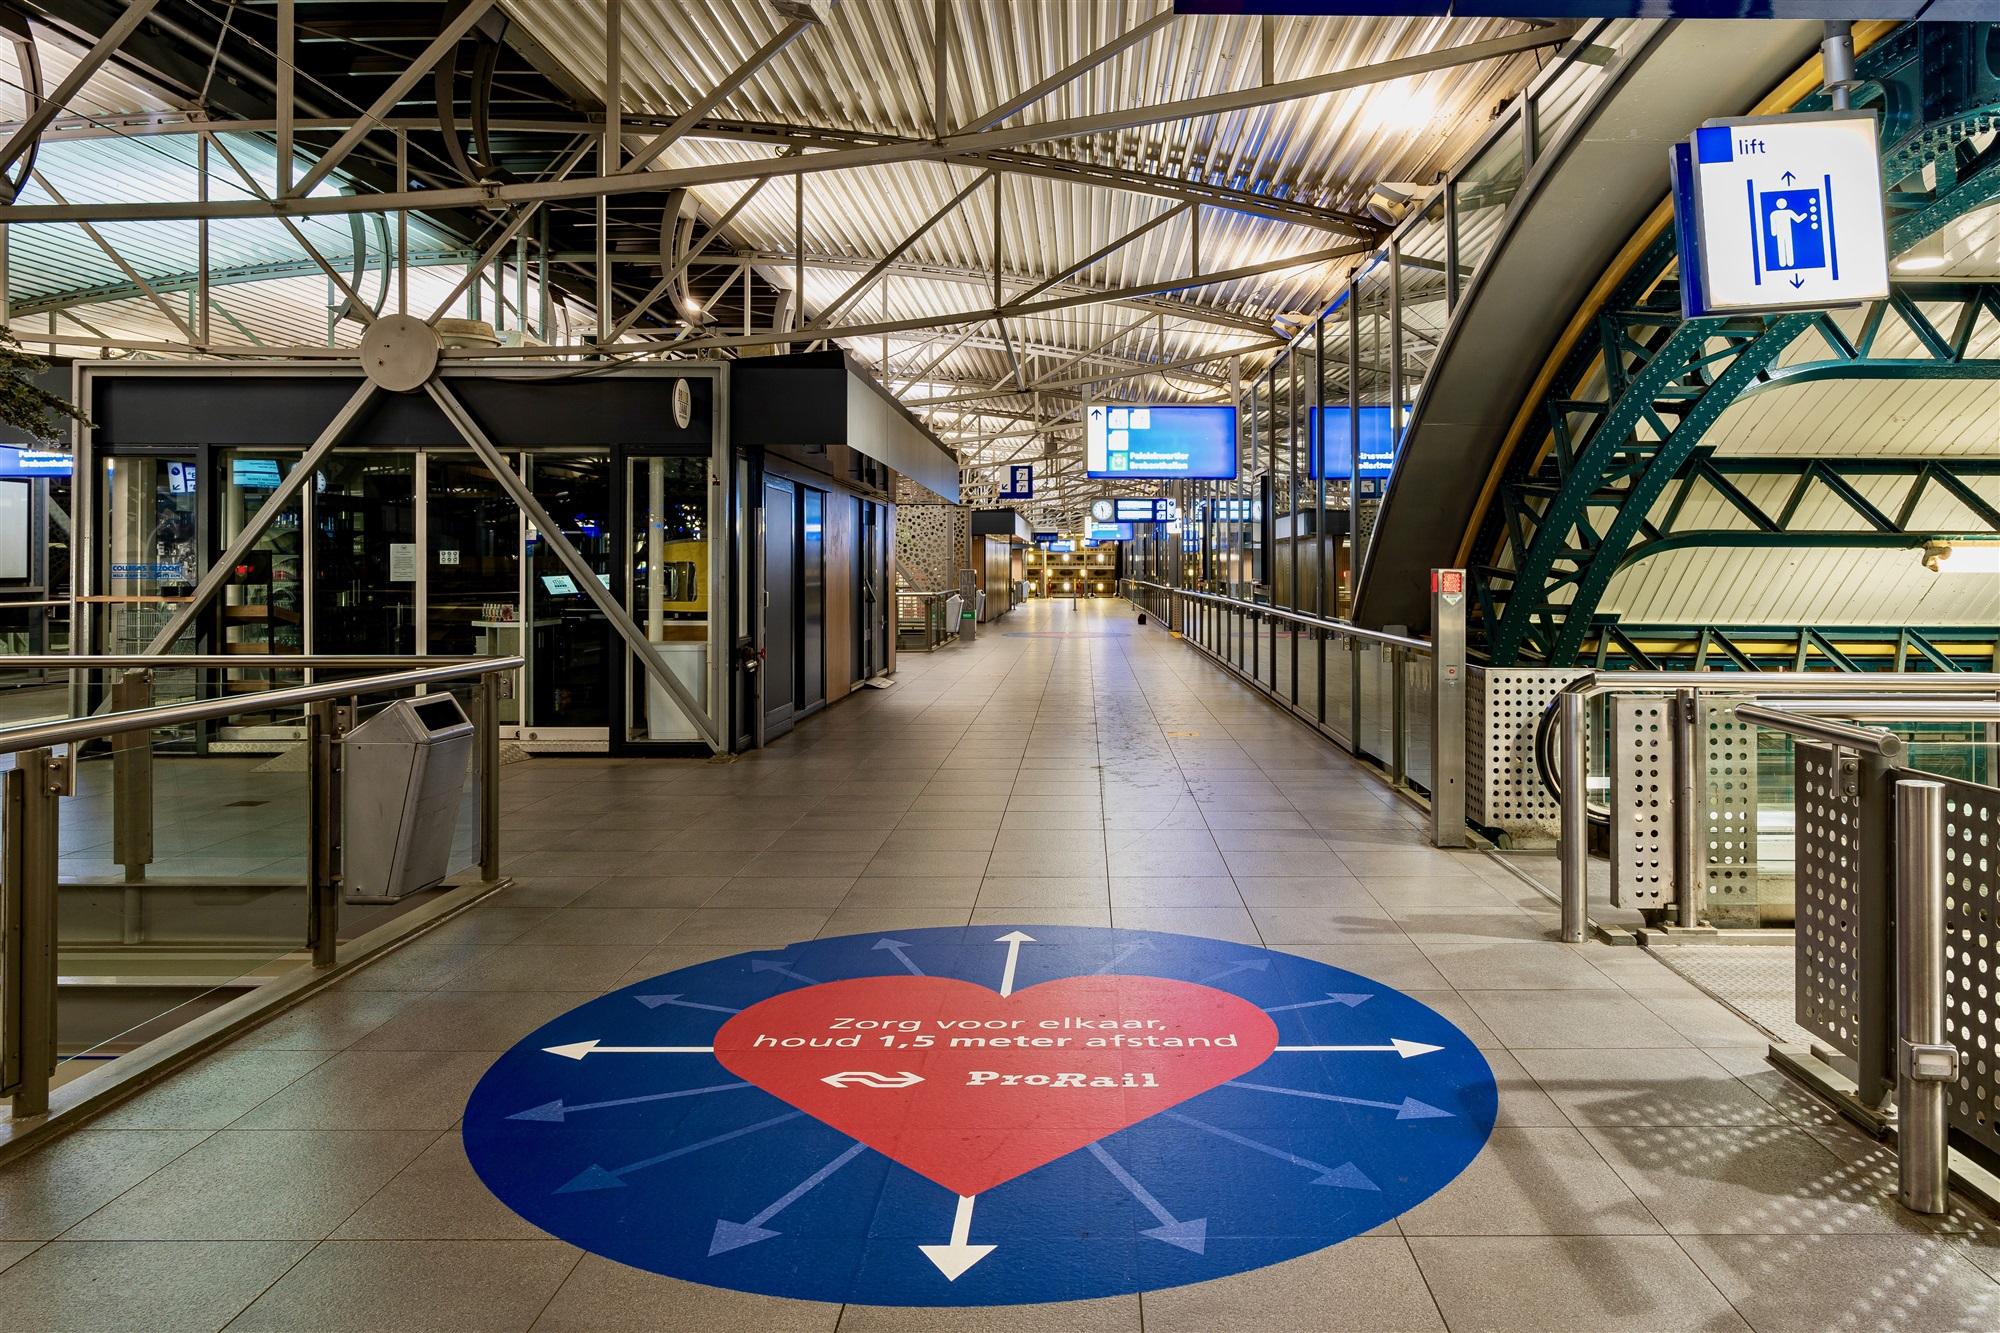 foto van stationstraverse met grote sticker op de grond met tekst 'Zorg voor elkaar, houd 1,5 m afstand'